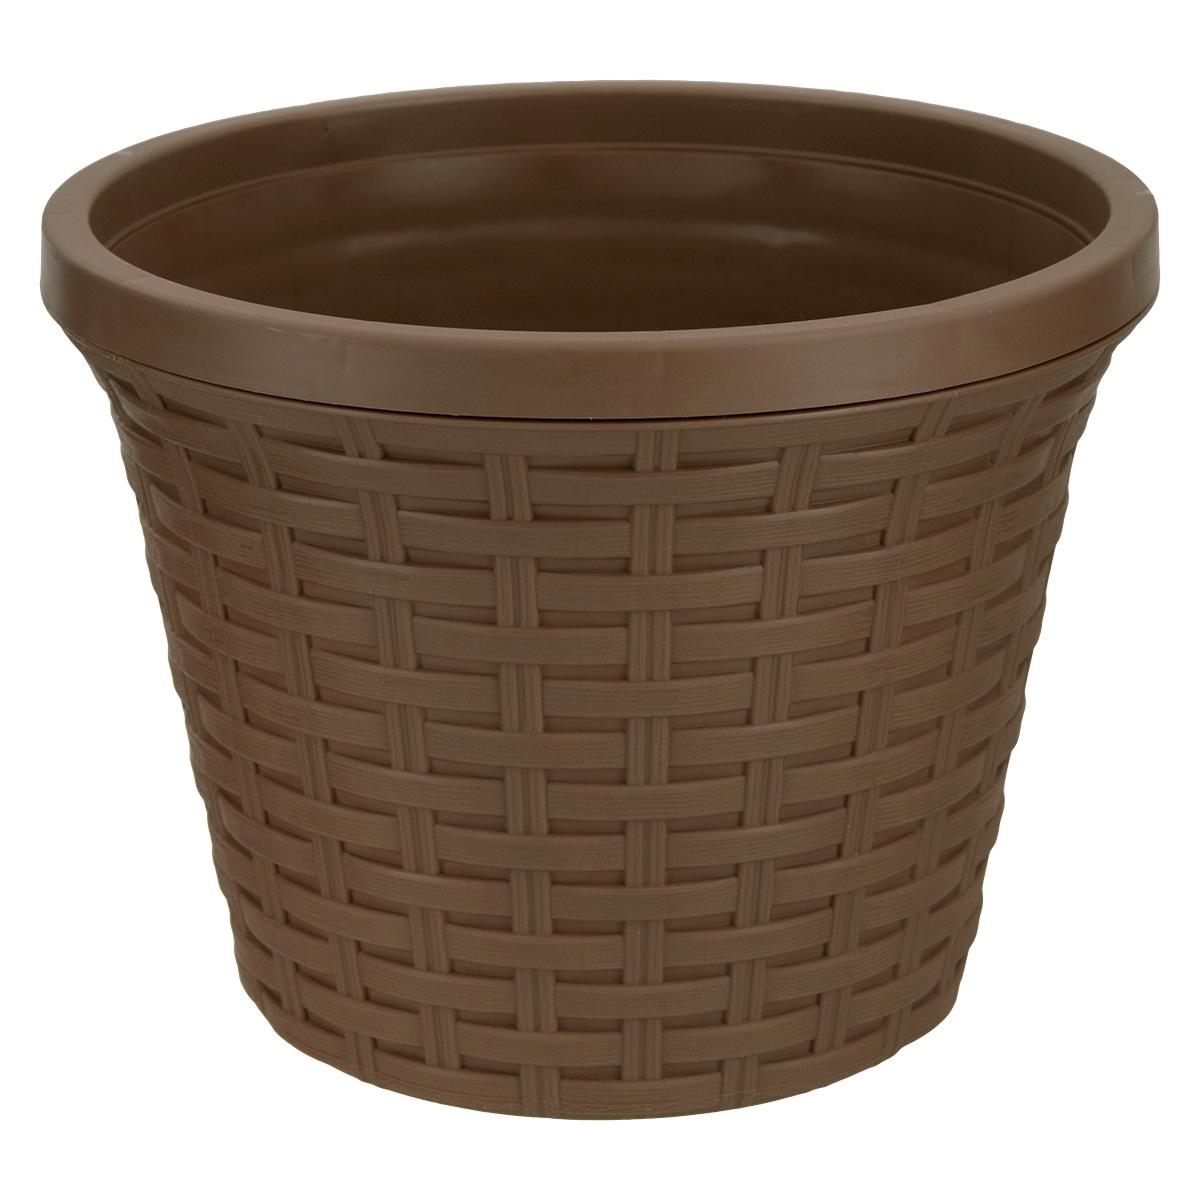 Кашпо круглое Violet Ротанг, с дренажной системой, цвет: какао, 3,4 л810646Круглое кашпо Violet Ротанг изготовлено из высококачественного пластика и оснащено дренажной системой для быстрого отведения избытка воды при поливе. Изделие прекрасно подходит для выращивания растений и цветов в домашних условиях. Лаконичный дизайн впишется в интерьер любого помещения.Объем: 3,4 л.